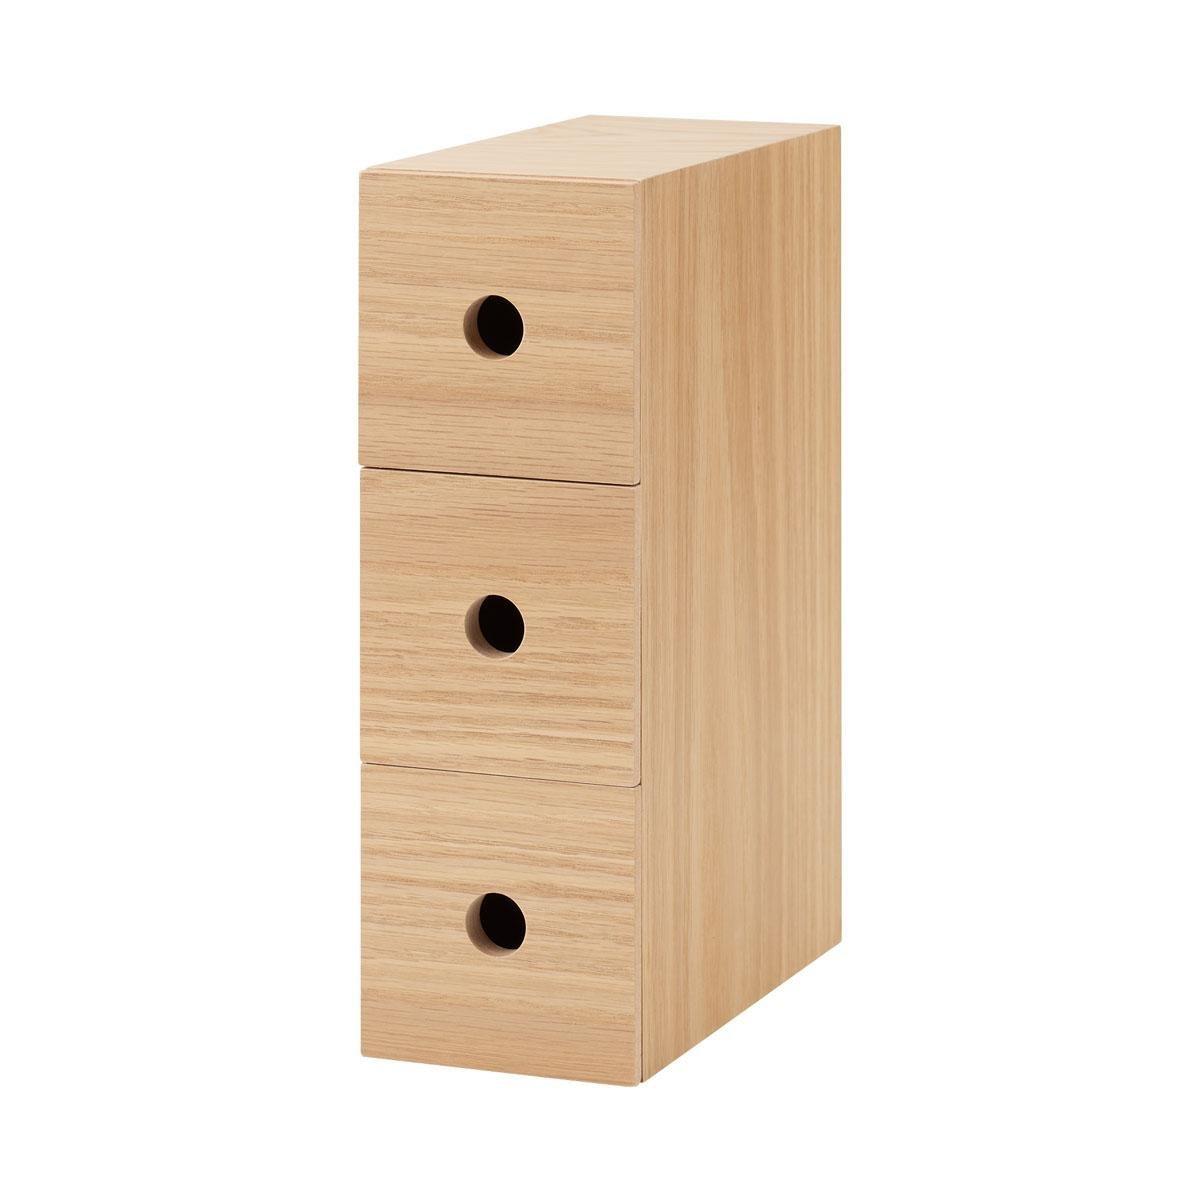 Wooden MDF 3 Drawers Storage